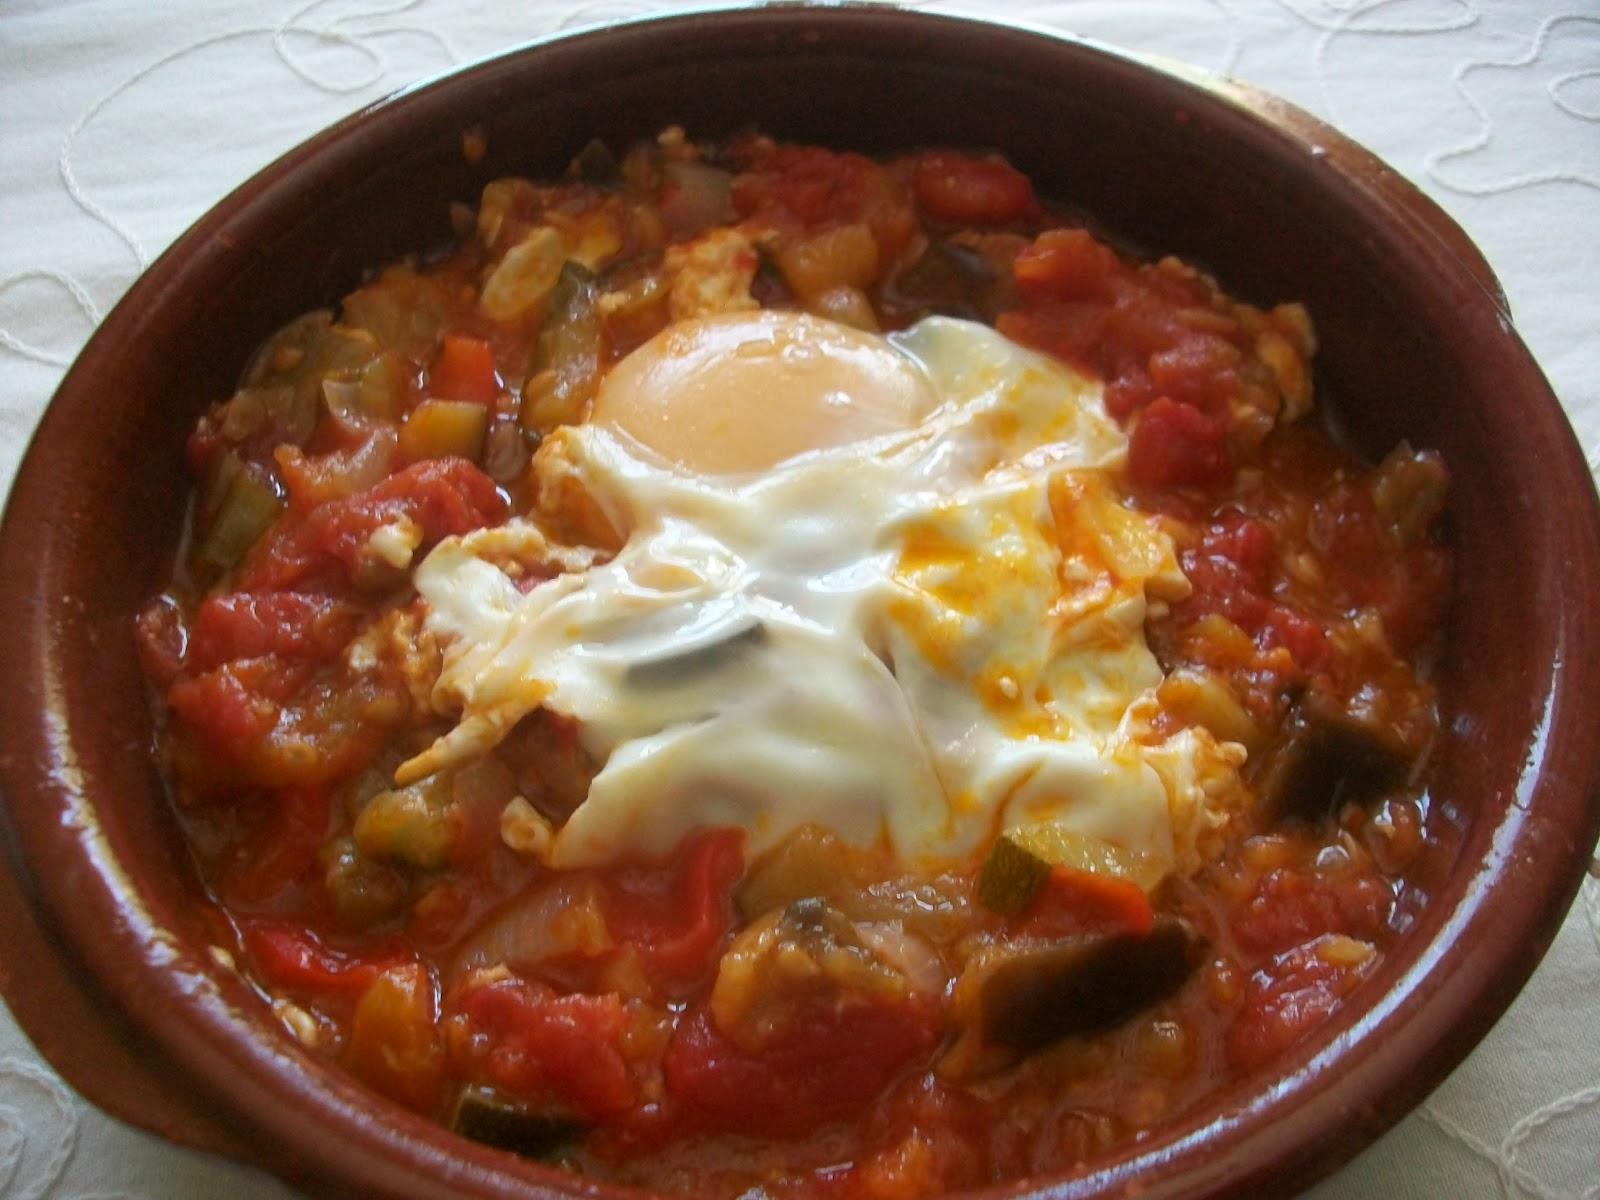 Pisto– овощное блюдо из баклажанов, кабачков, лука и томатов, похожее на рататуй, обычно подается теплым с яичницей и хлебом.